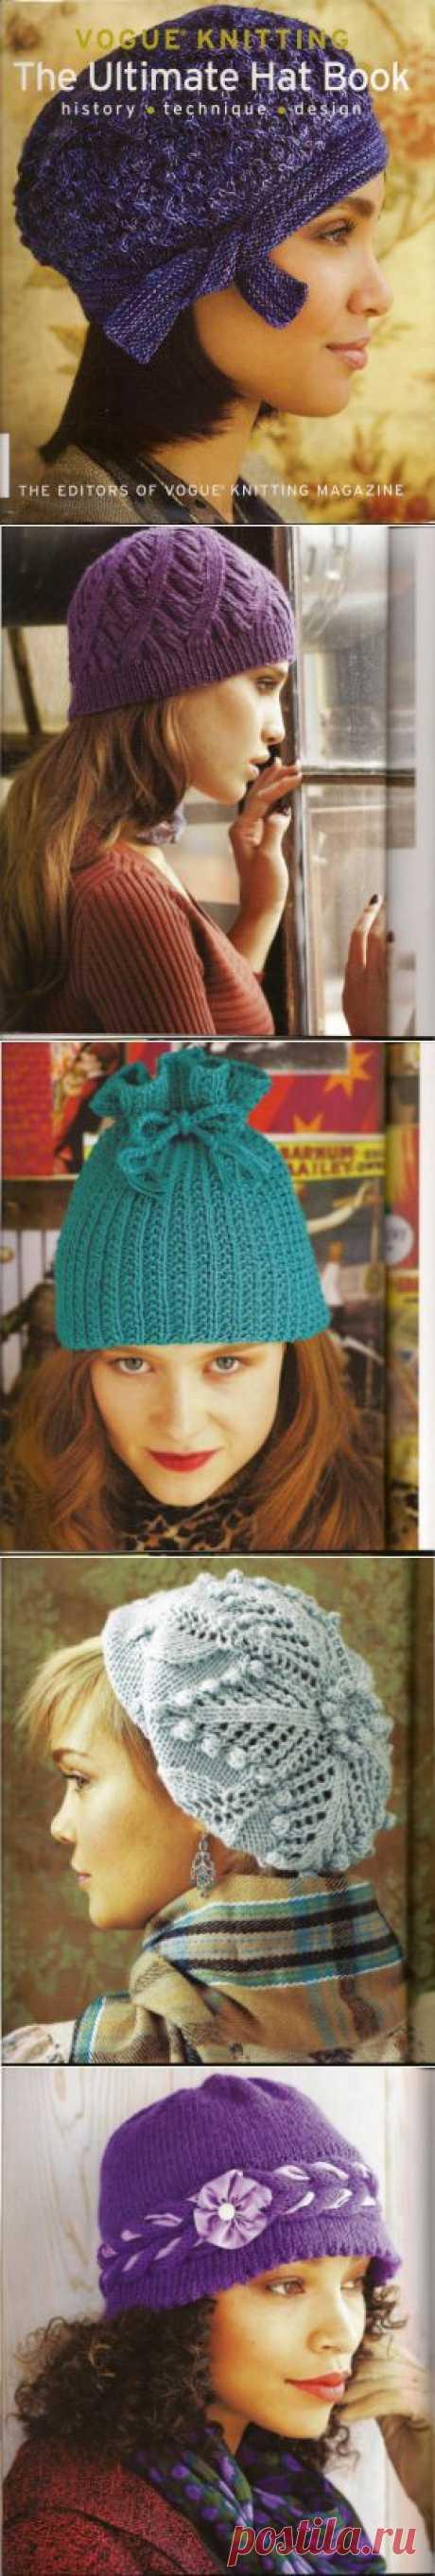 Vogue Knitting.